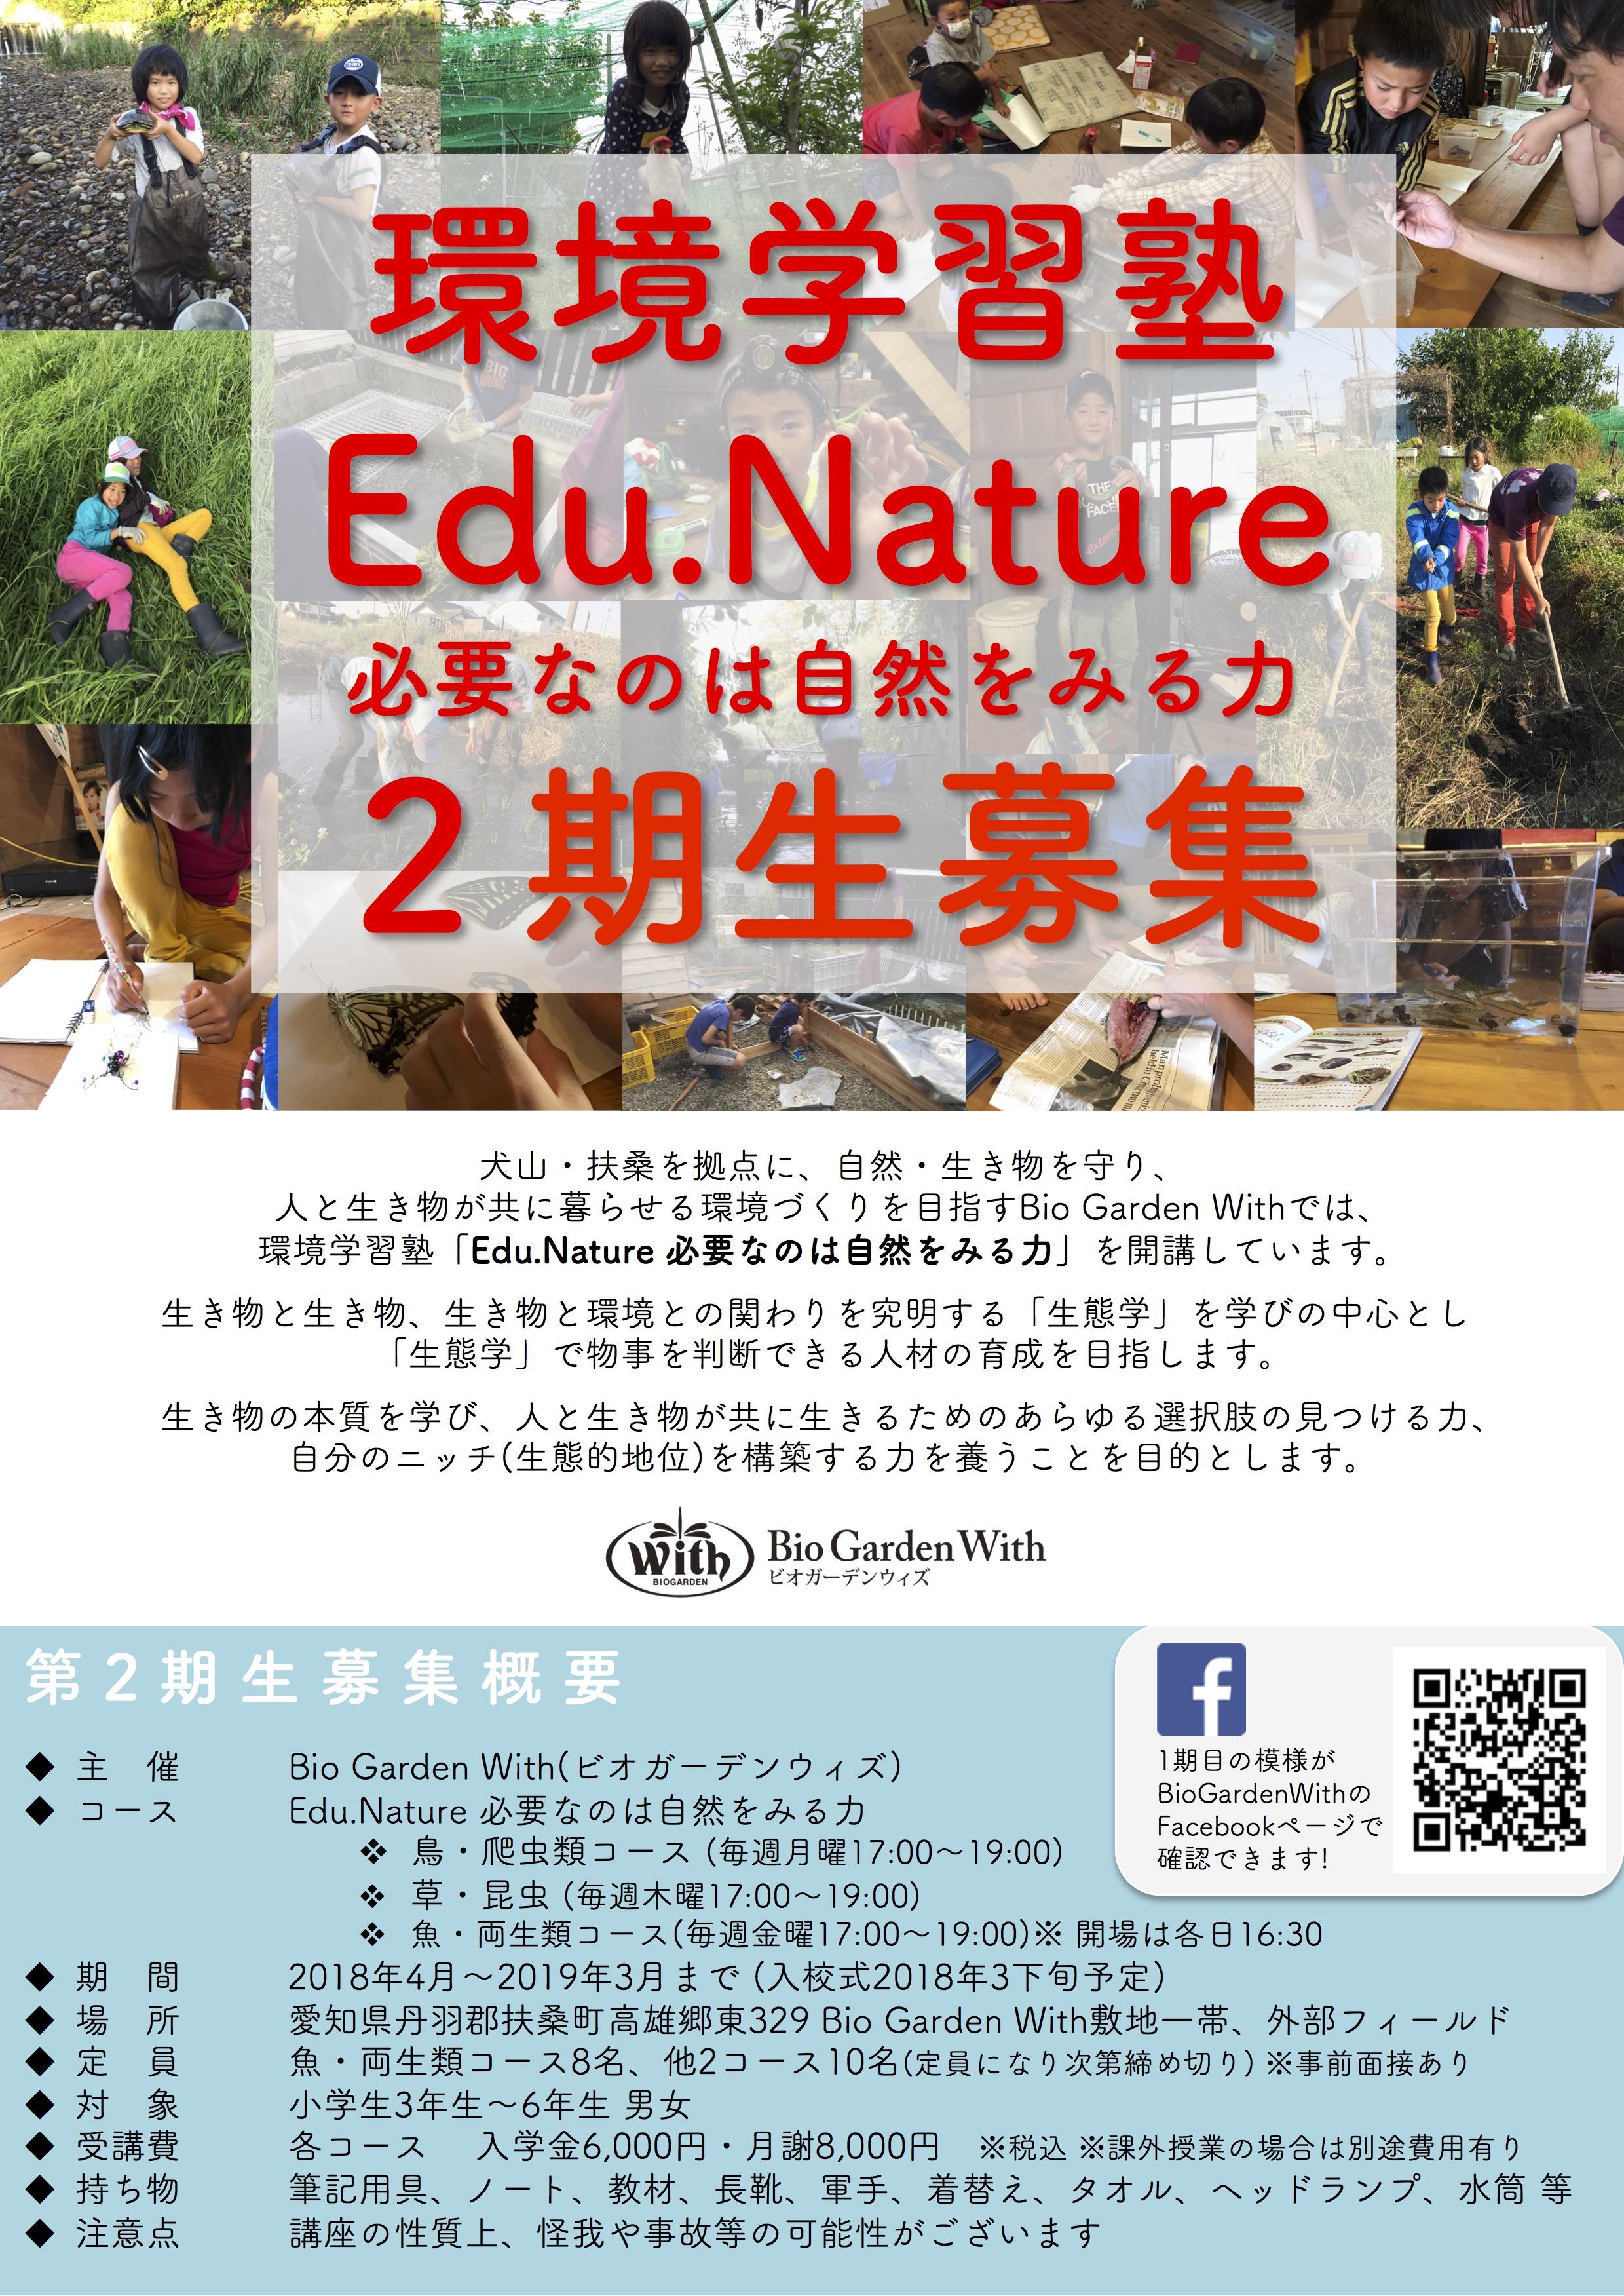 環境学習塾 Edu.Nature 第2期生募集開始